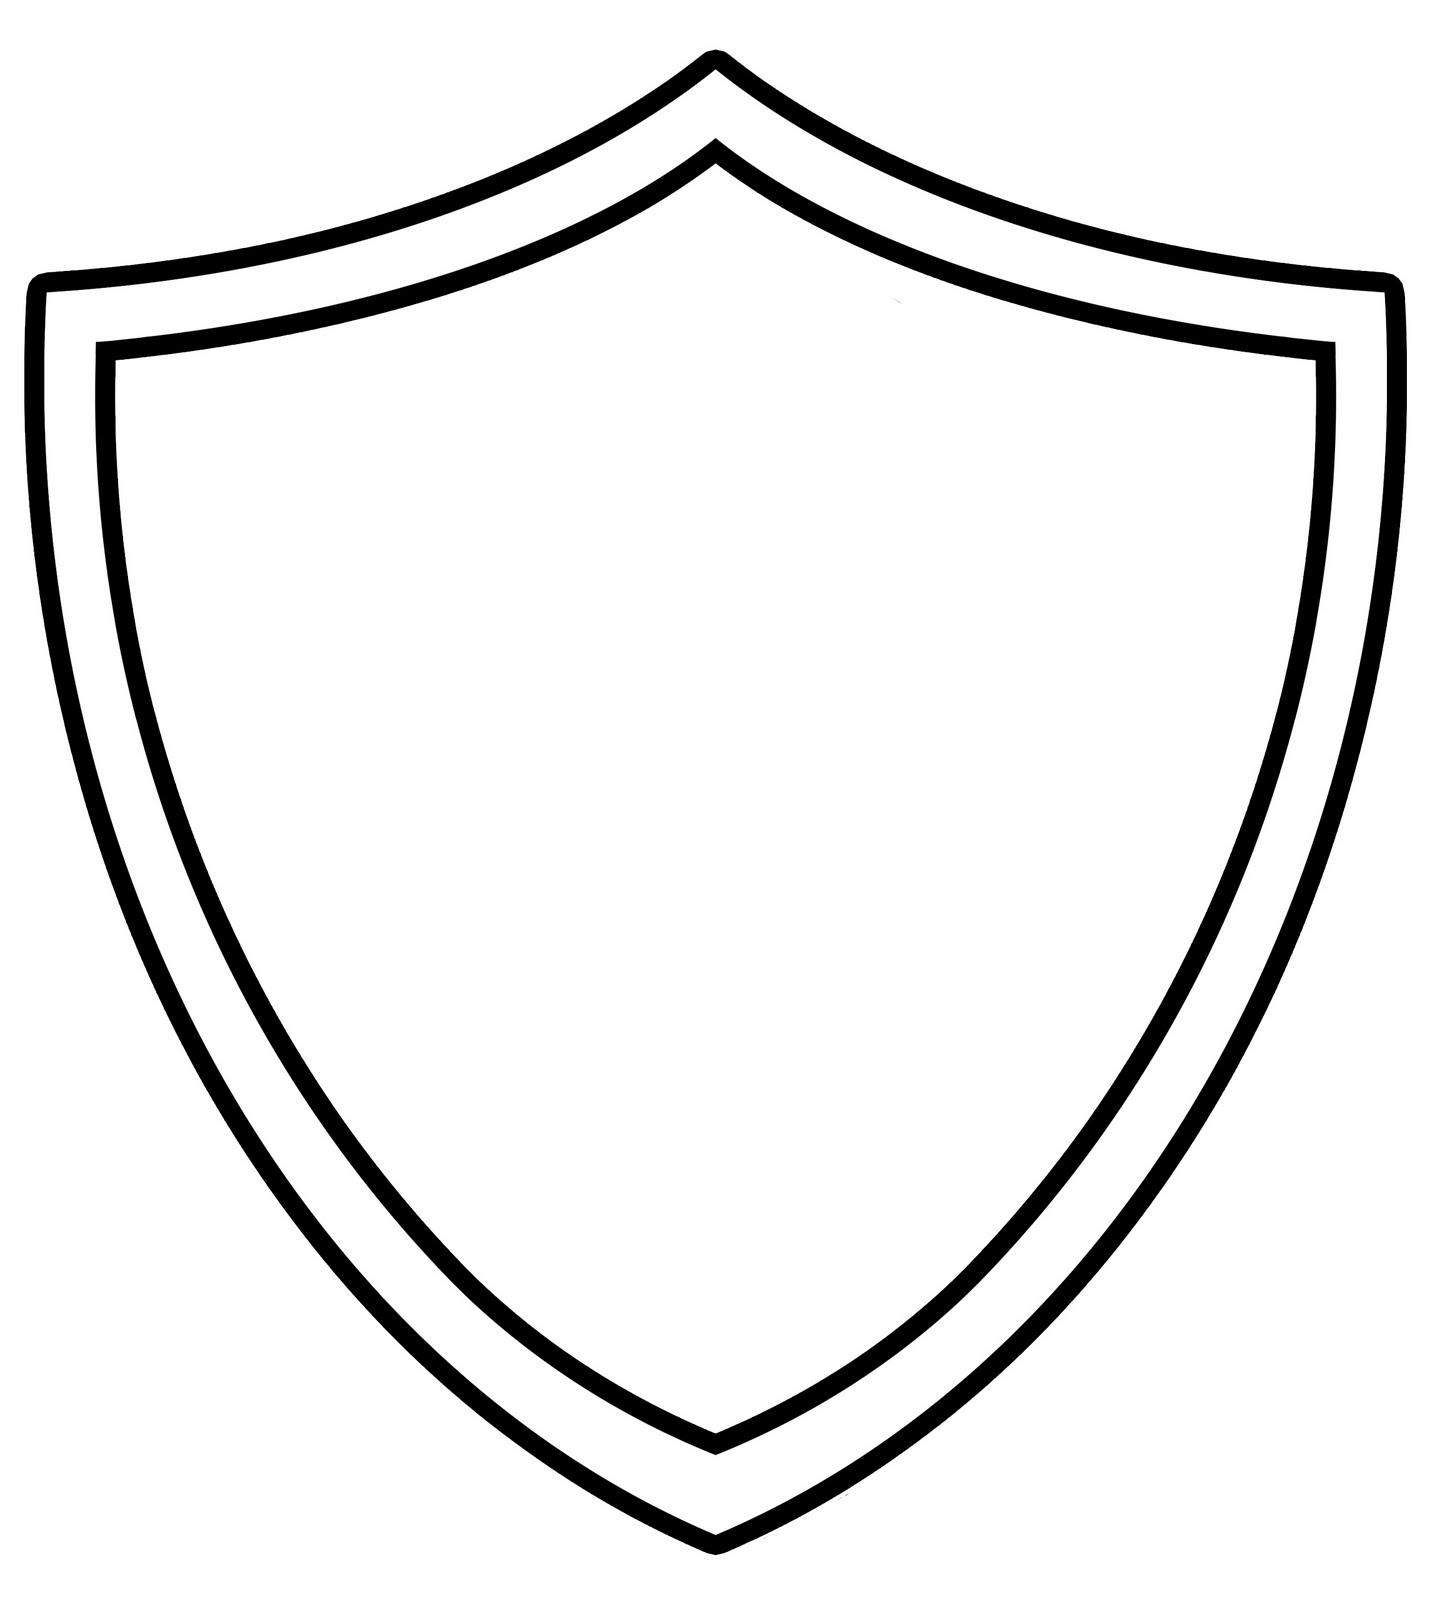 Batman Symbol Outline | Free download best Batman Symbol Outline on ...